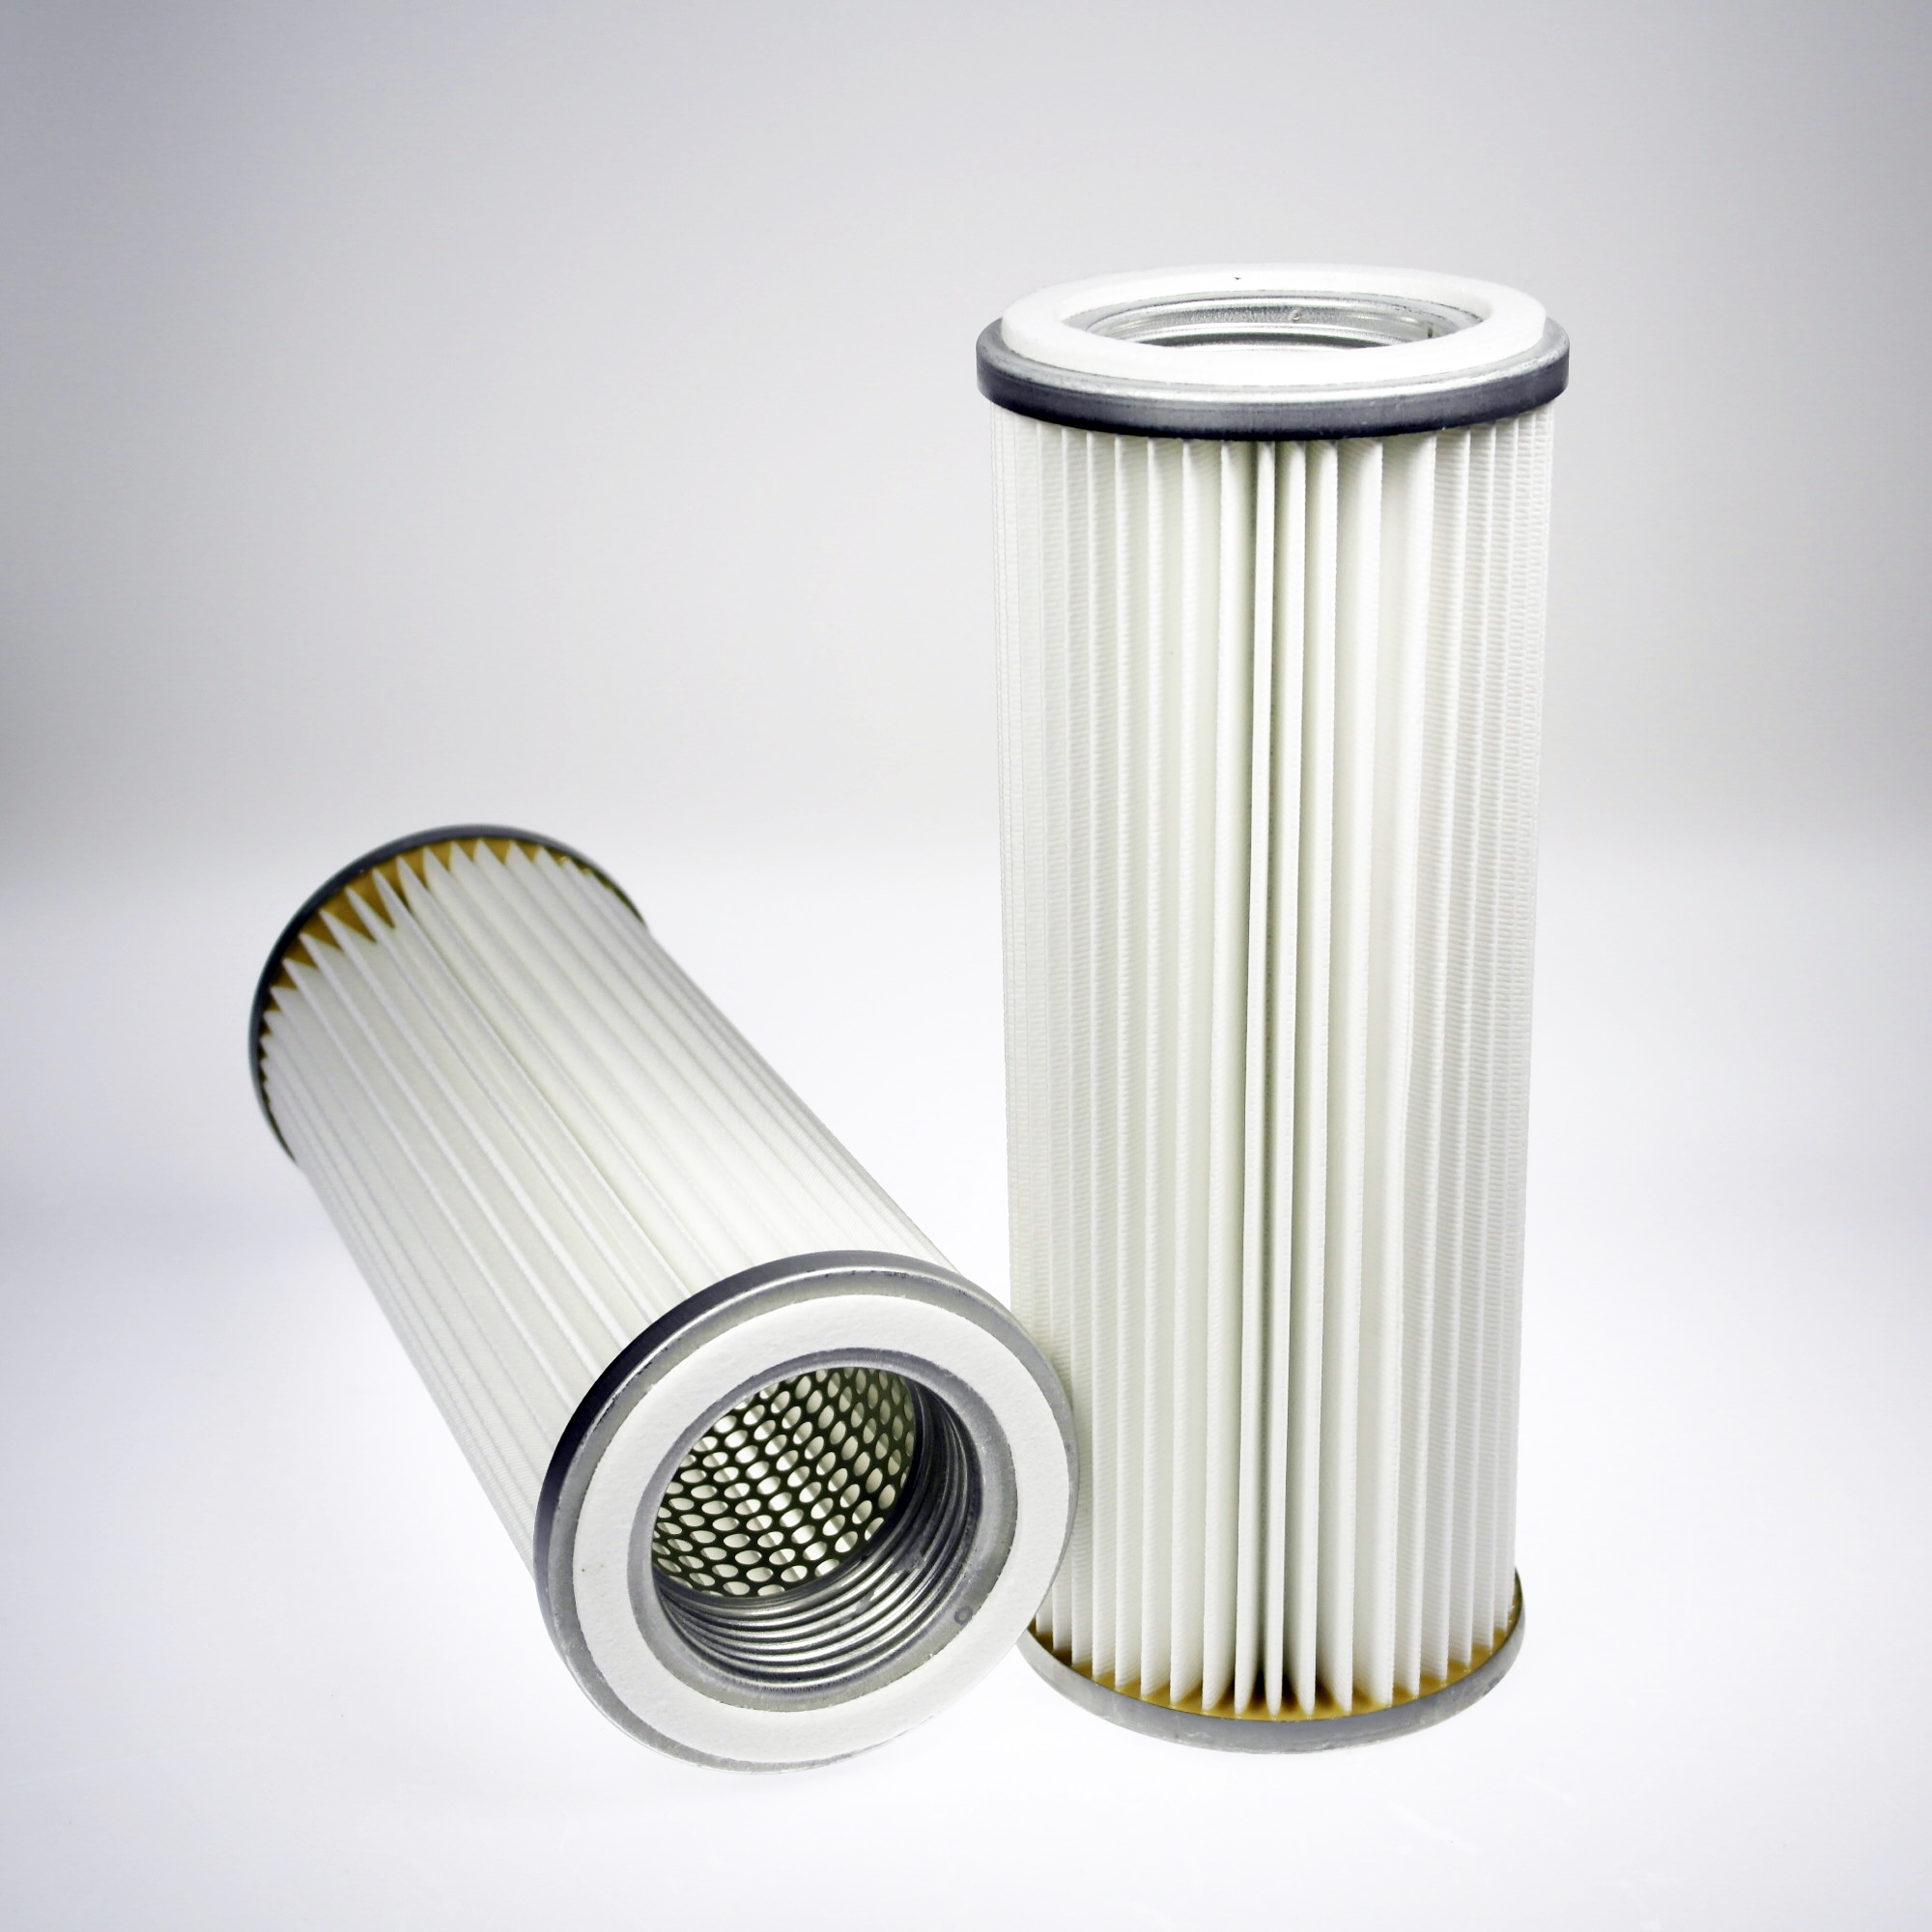 Filterelement for støv, varenummer 852838TI15